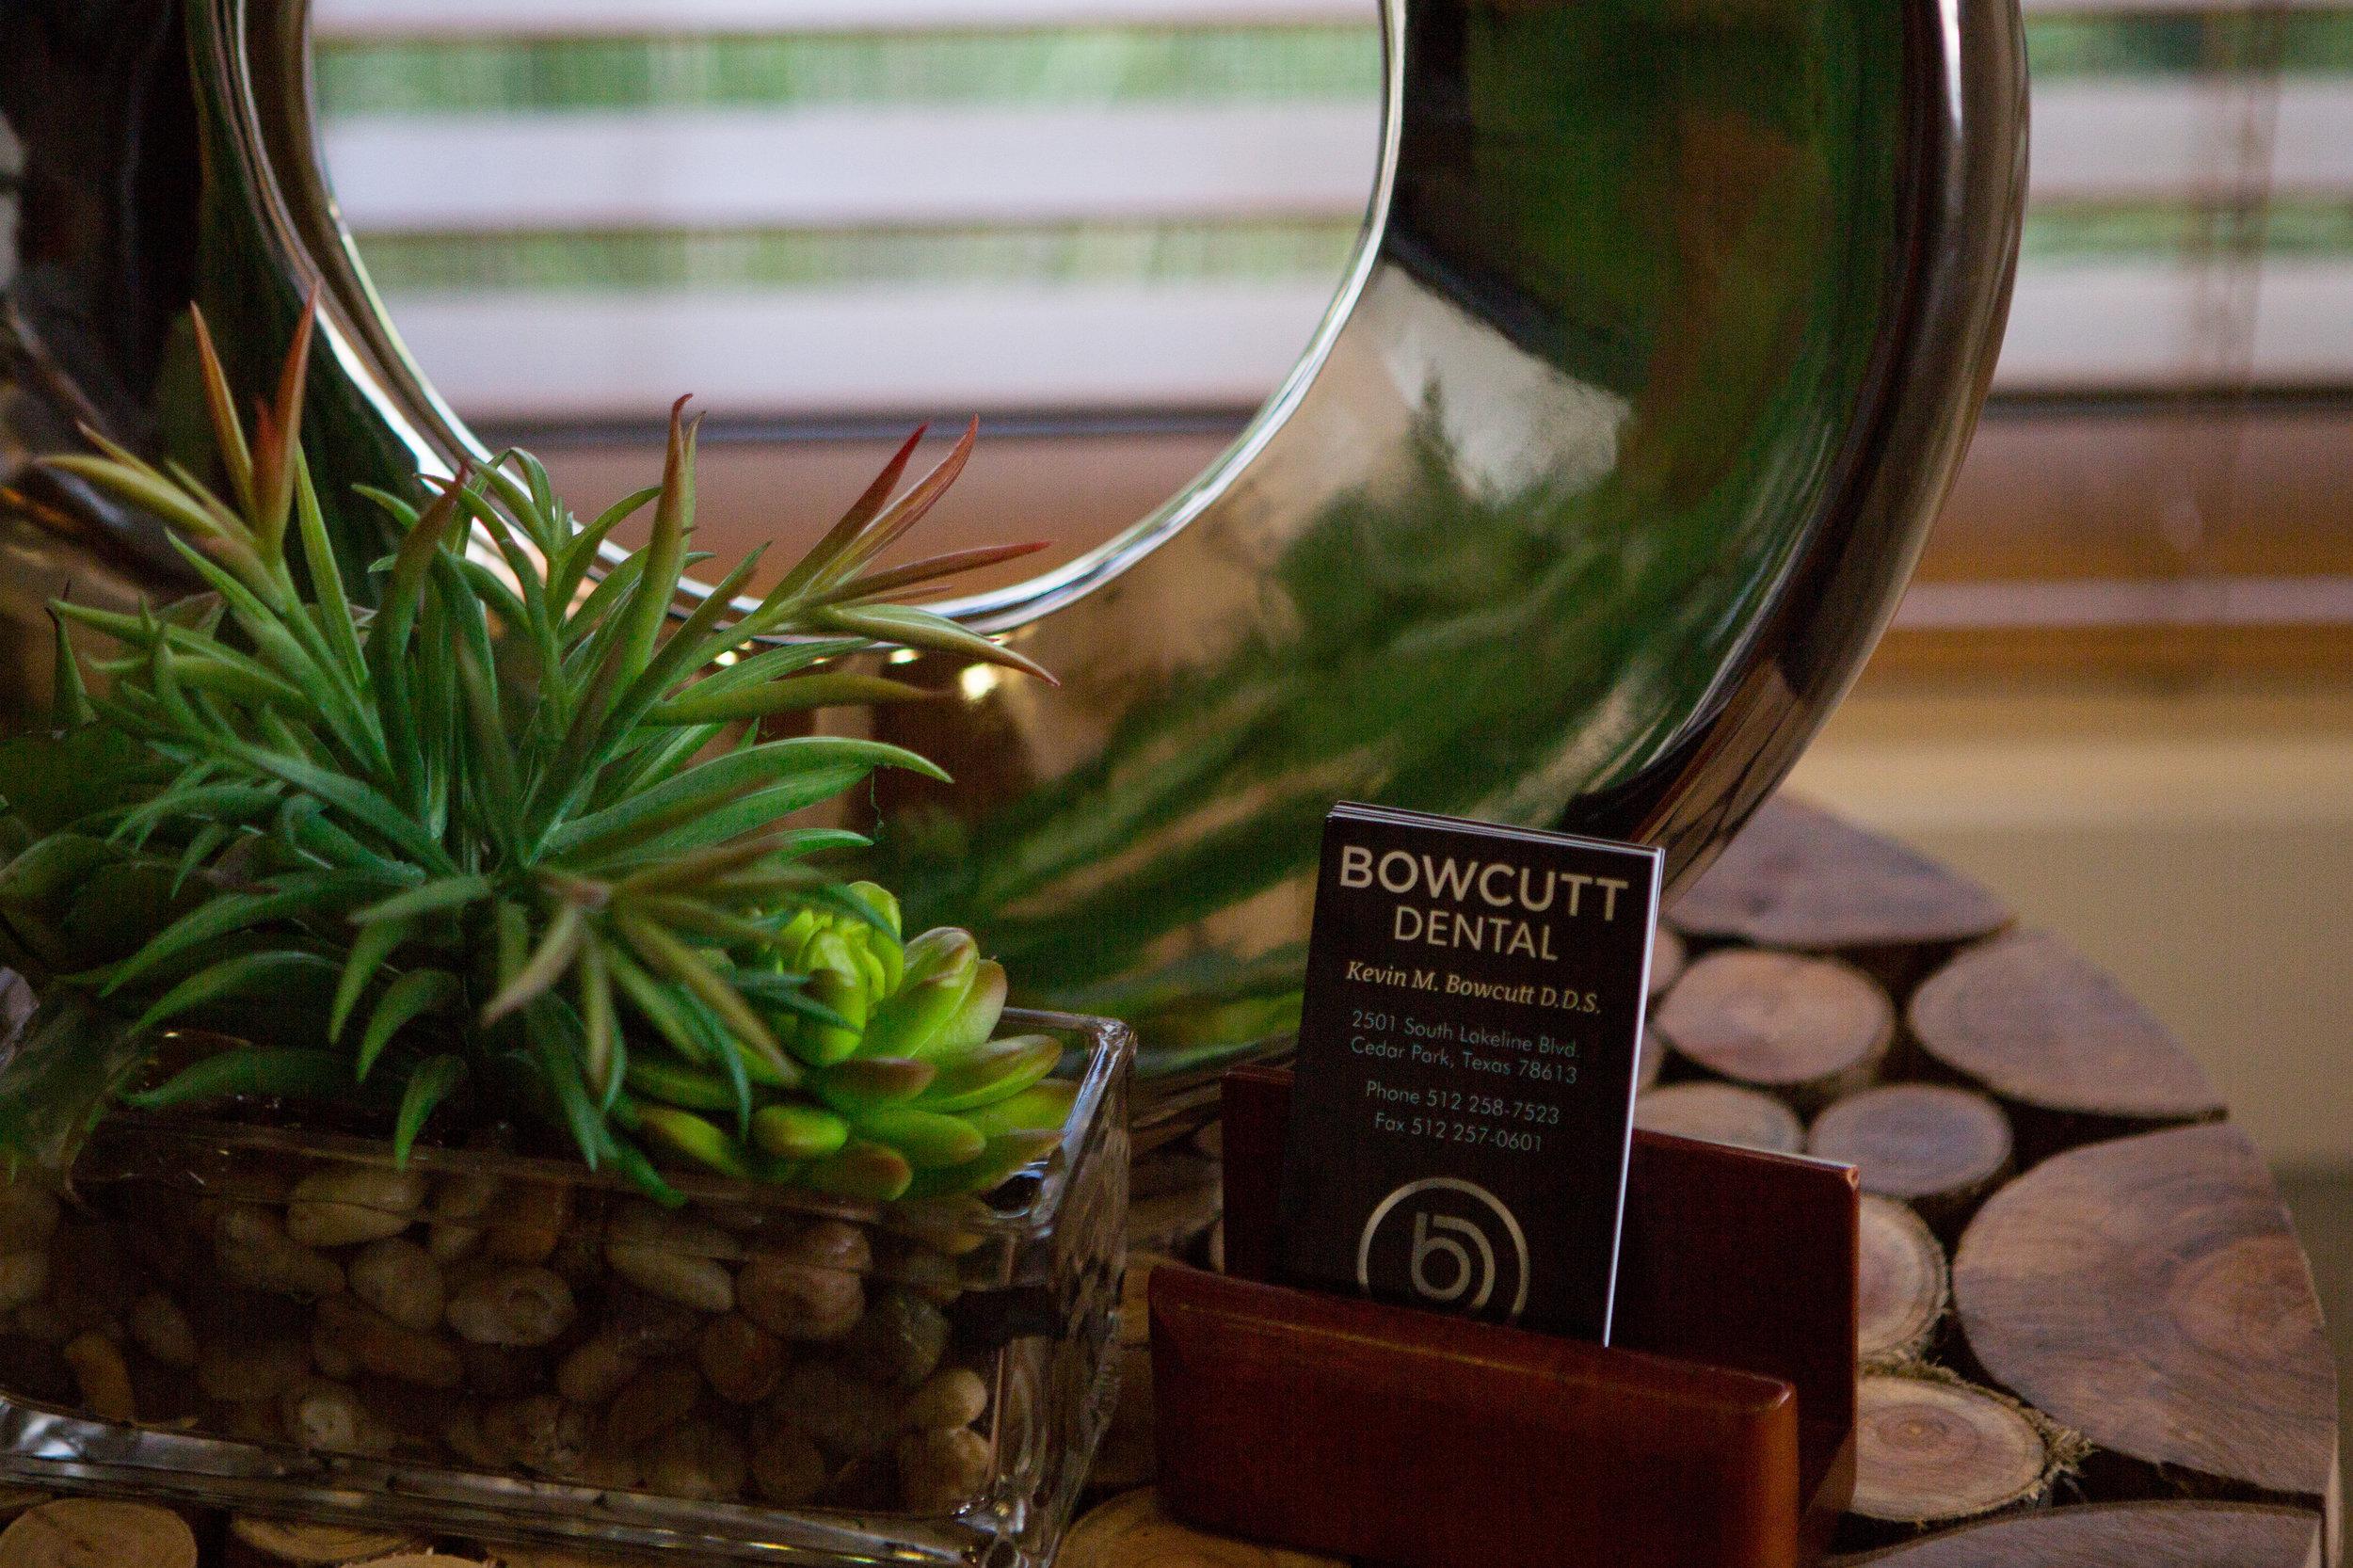 bowcutt dental-bowcutt dental-0132.jpg